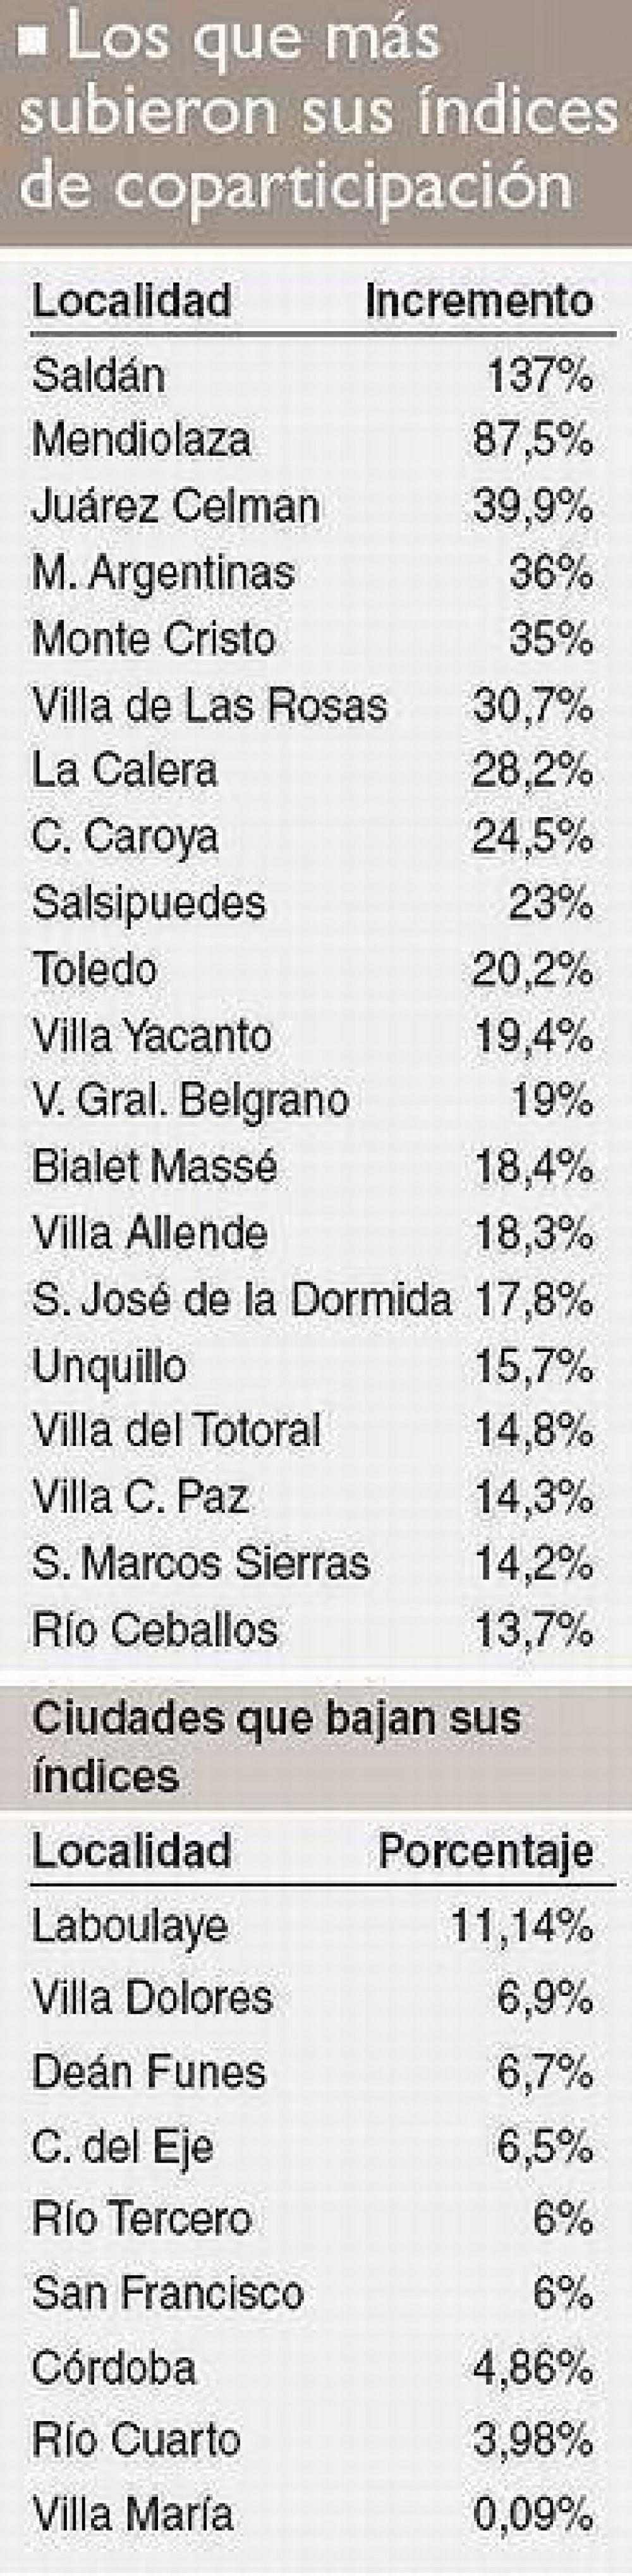 Censo: 23 municipios del Gran Córdoba acaparan 80,5% de suba de coparticipación